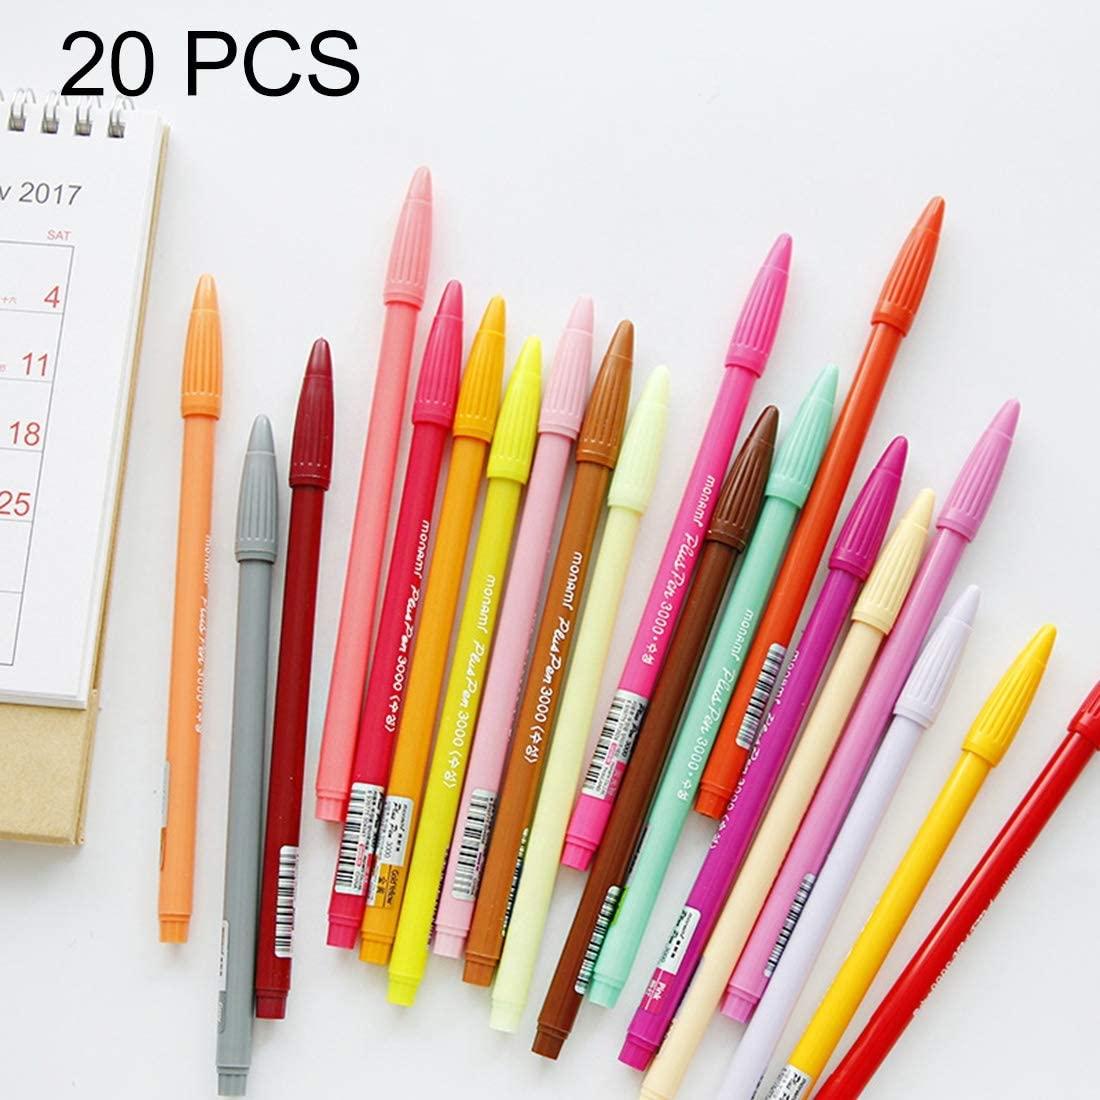 AEIOU Sy20 PCS Color Gel Pen Ink Roller Marker Pen, Tip Size: 0.5mm, Random Ink Color Delivery Stationery